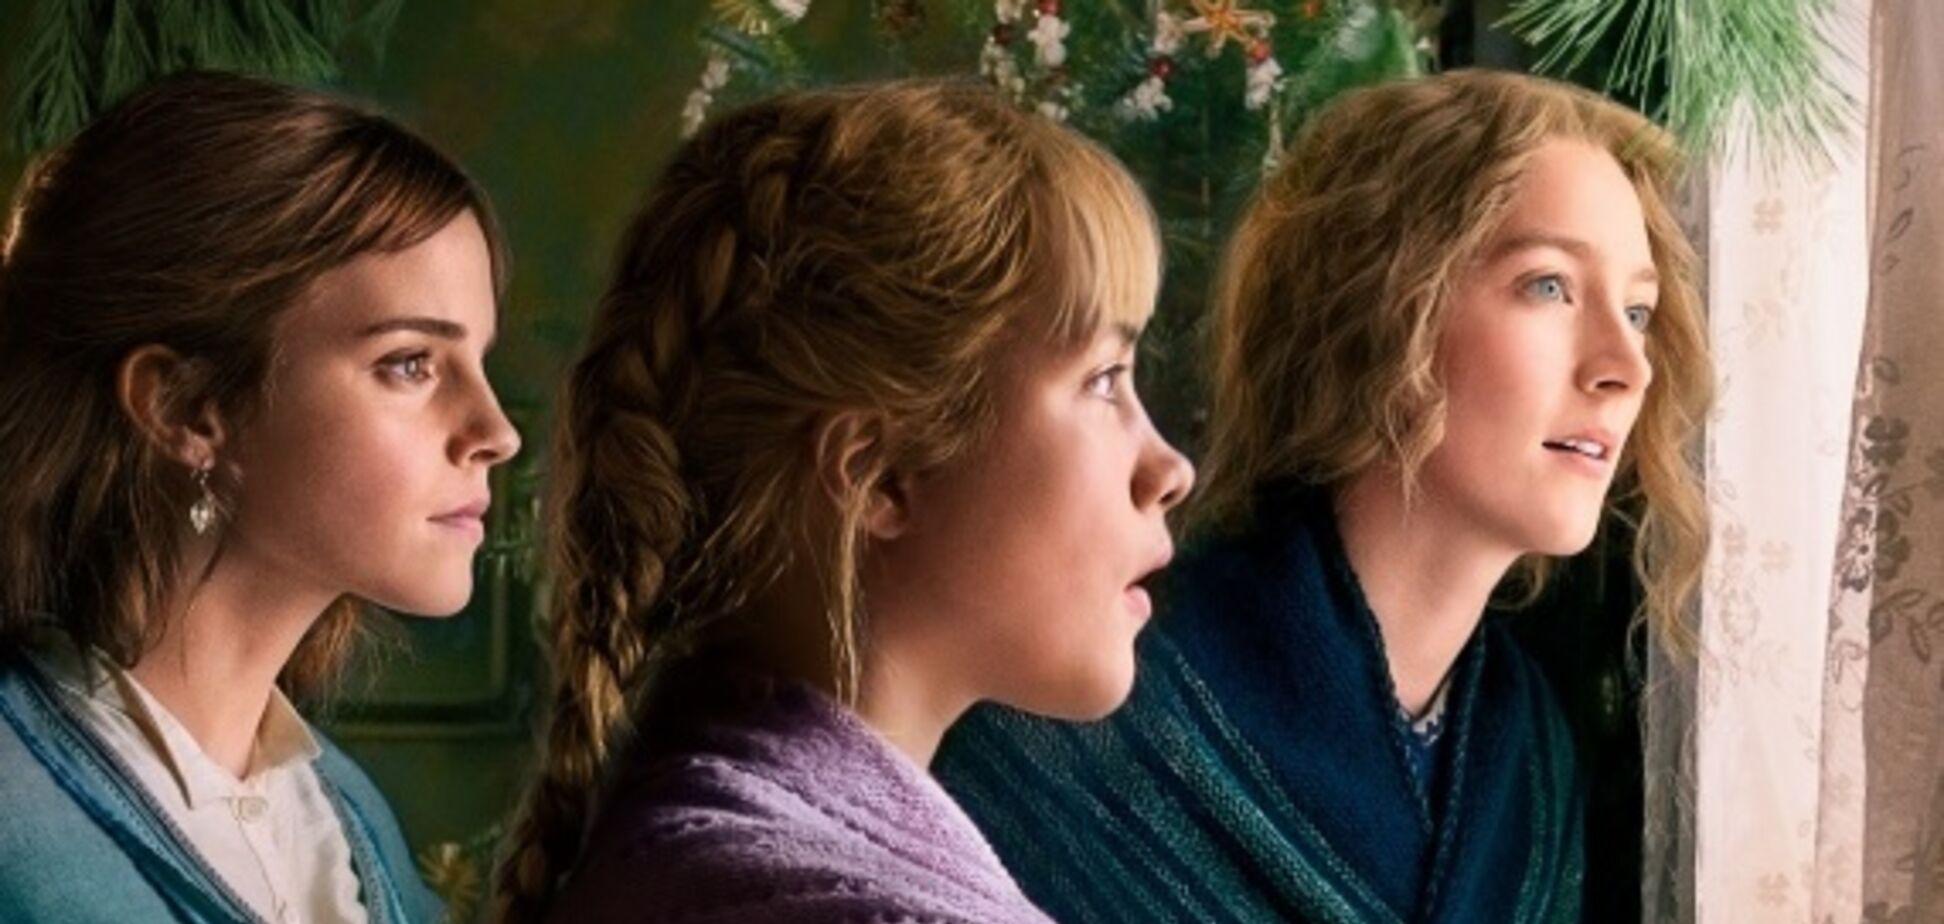 В кинотеатре 'Оскар' состоялась гала-премьера фильма'Маленькие женщины'